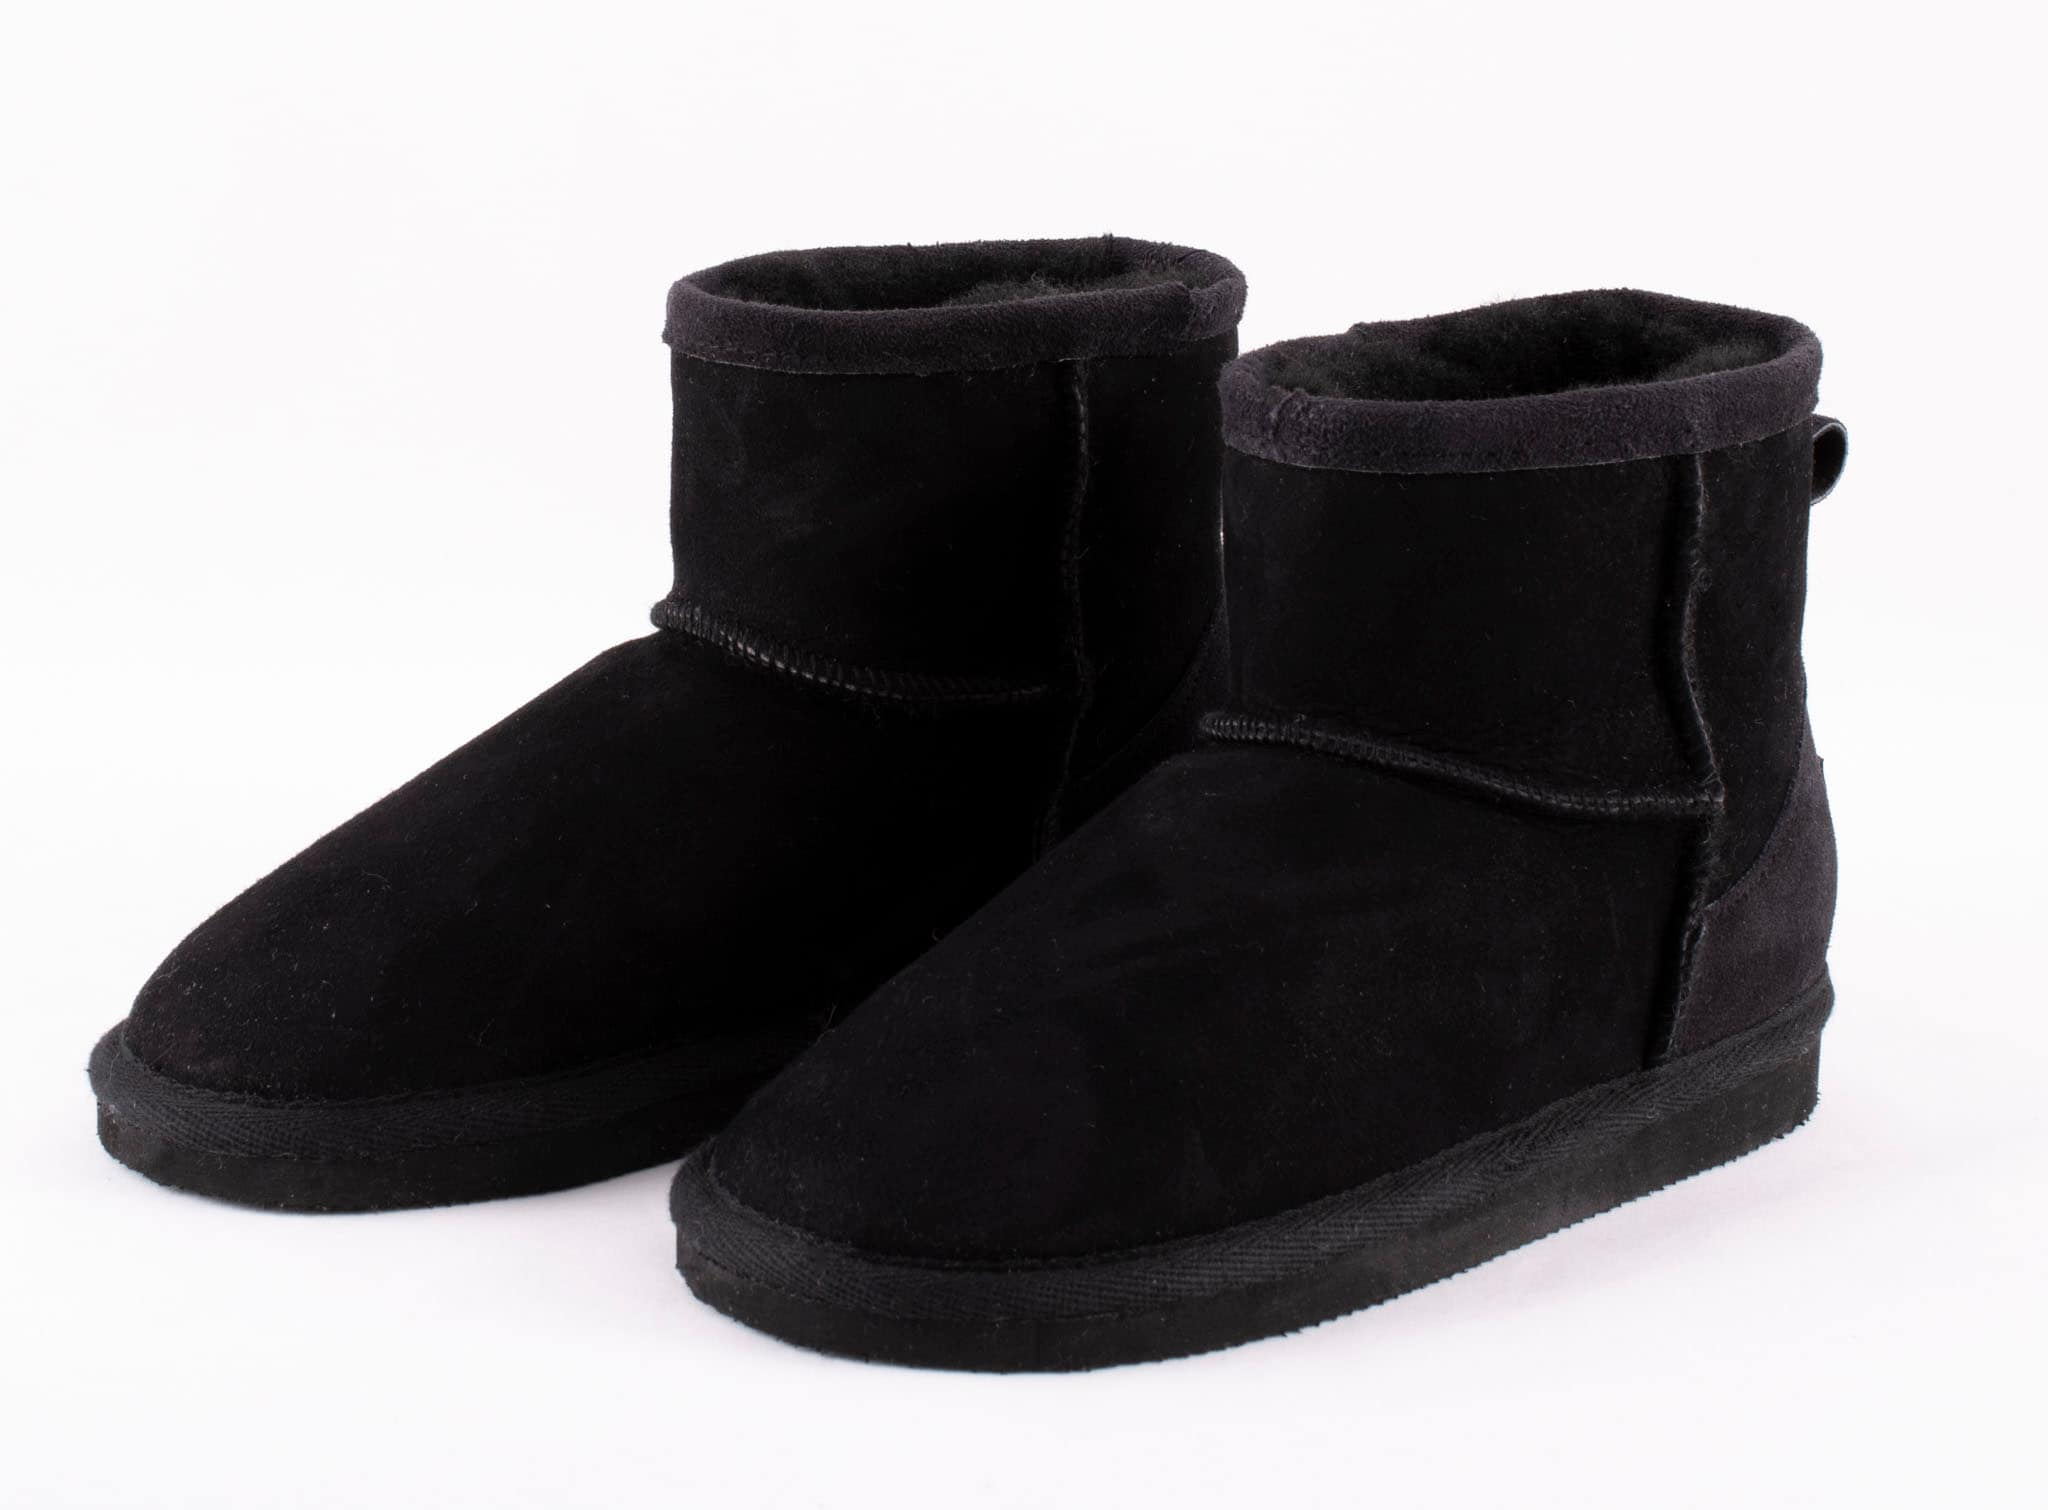 Mora boots